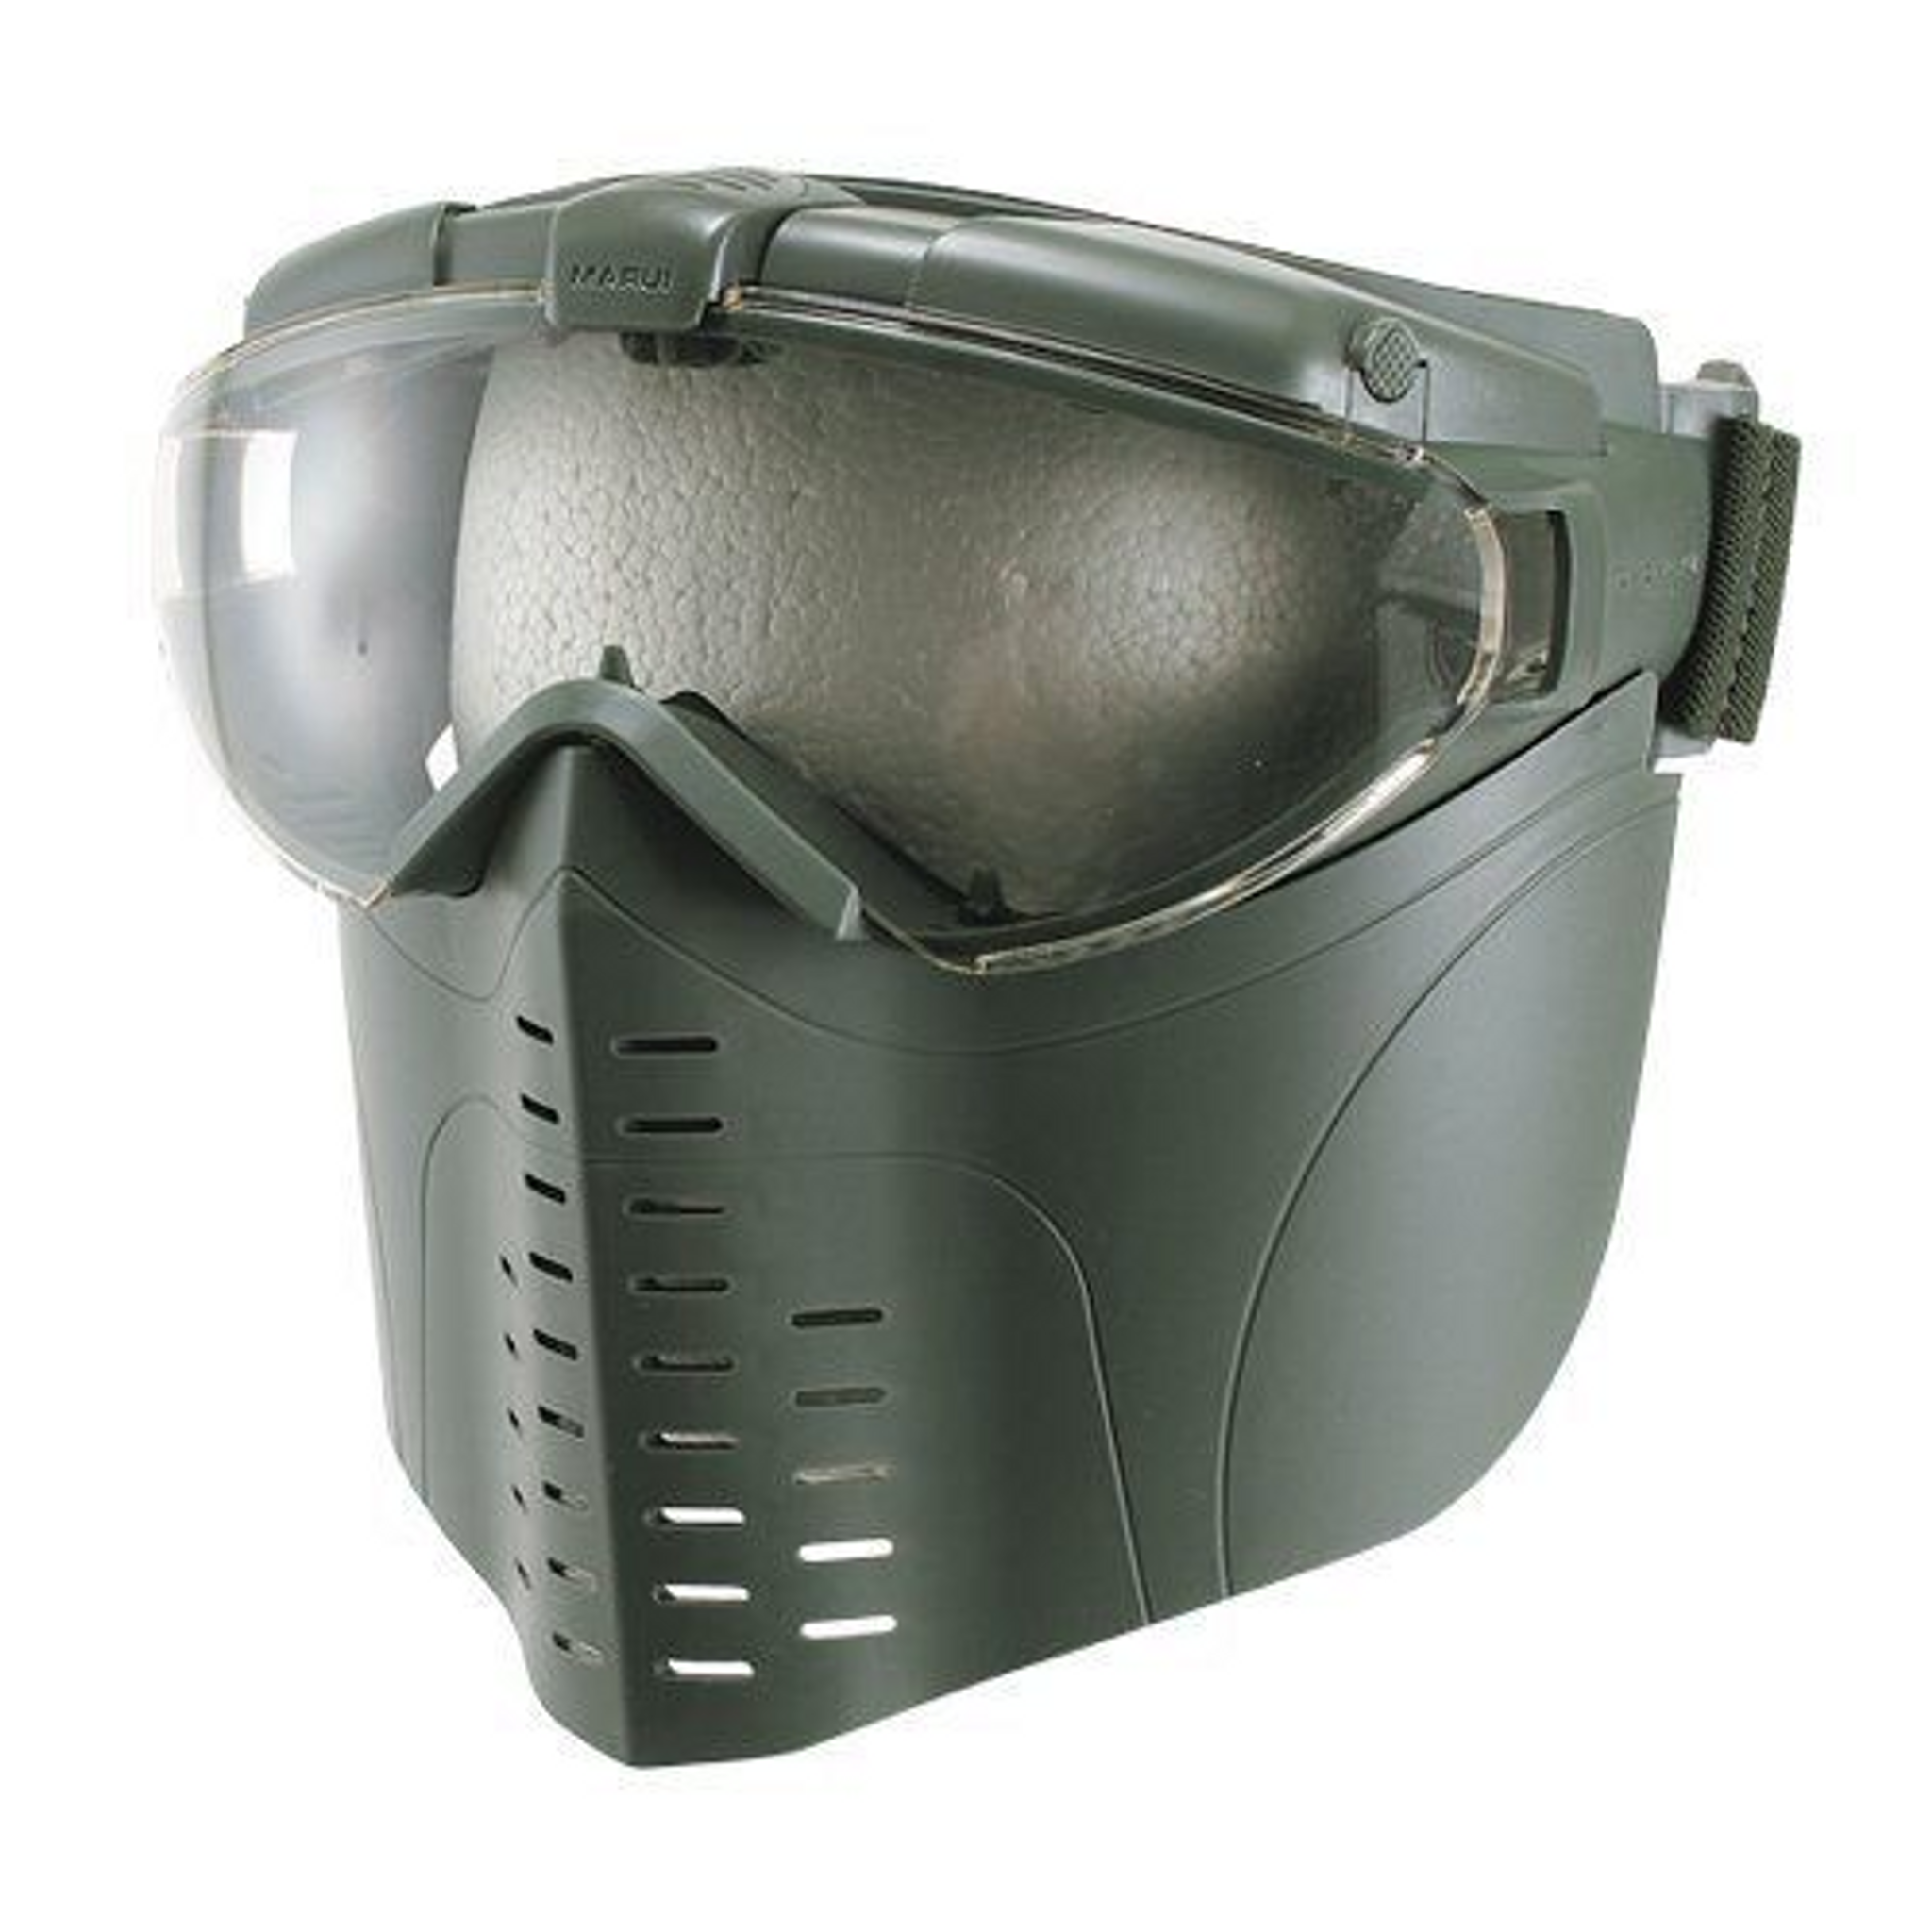 Tokyo Marui Pro Goggles Fan Ventilation Full Face Green 151087 Genuine Parts